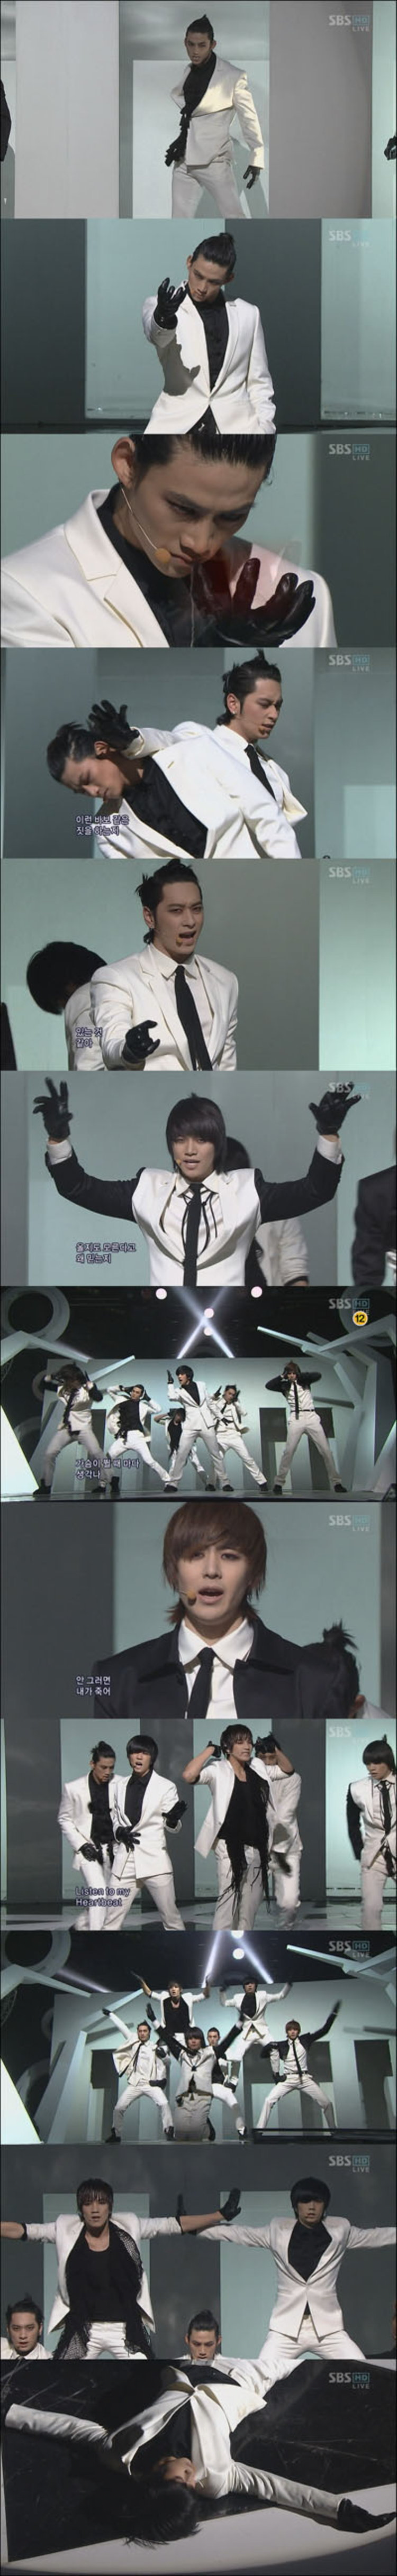 6 สมาชิก 2PM คัมแบ็คสมบูรณ์แบบ 3 สถานีโทรทัศน์เกาหลี พร้อมเพลง Heartbeat